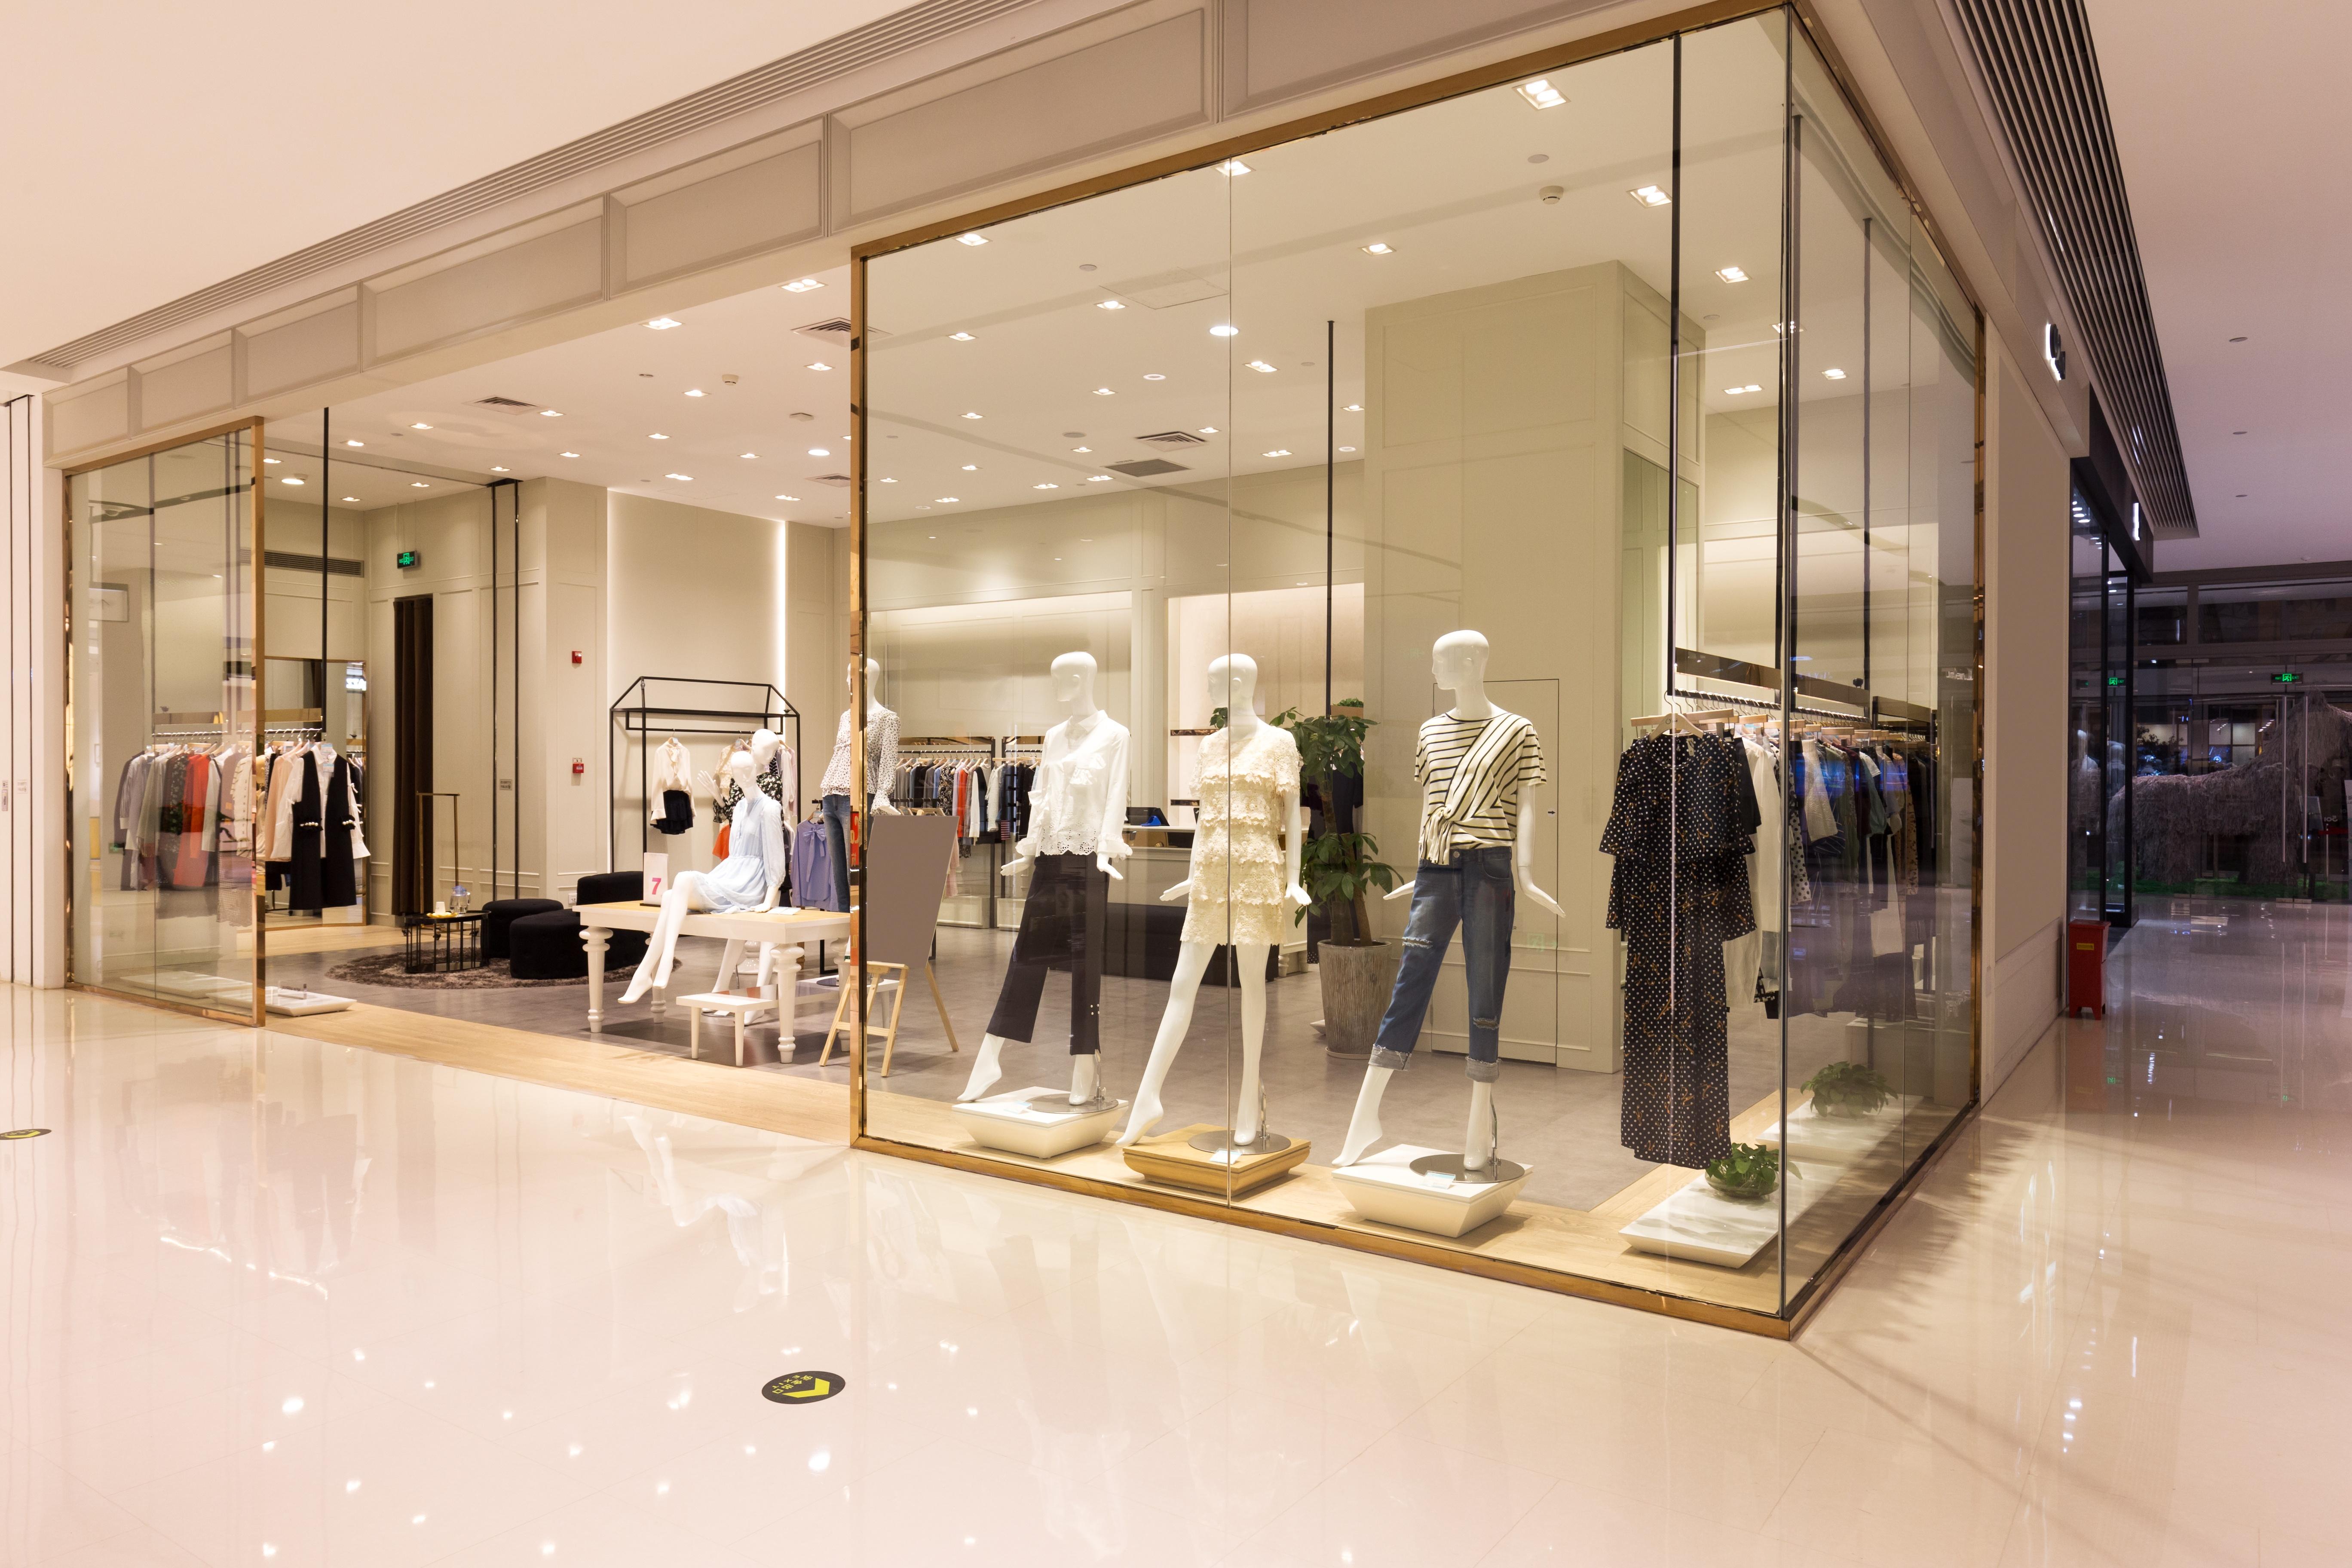 shopfronts - main.jpg